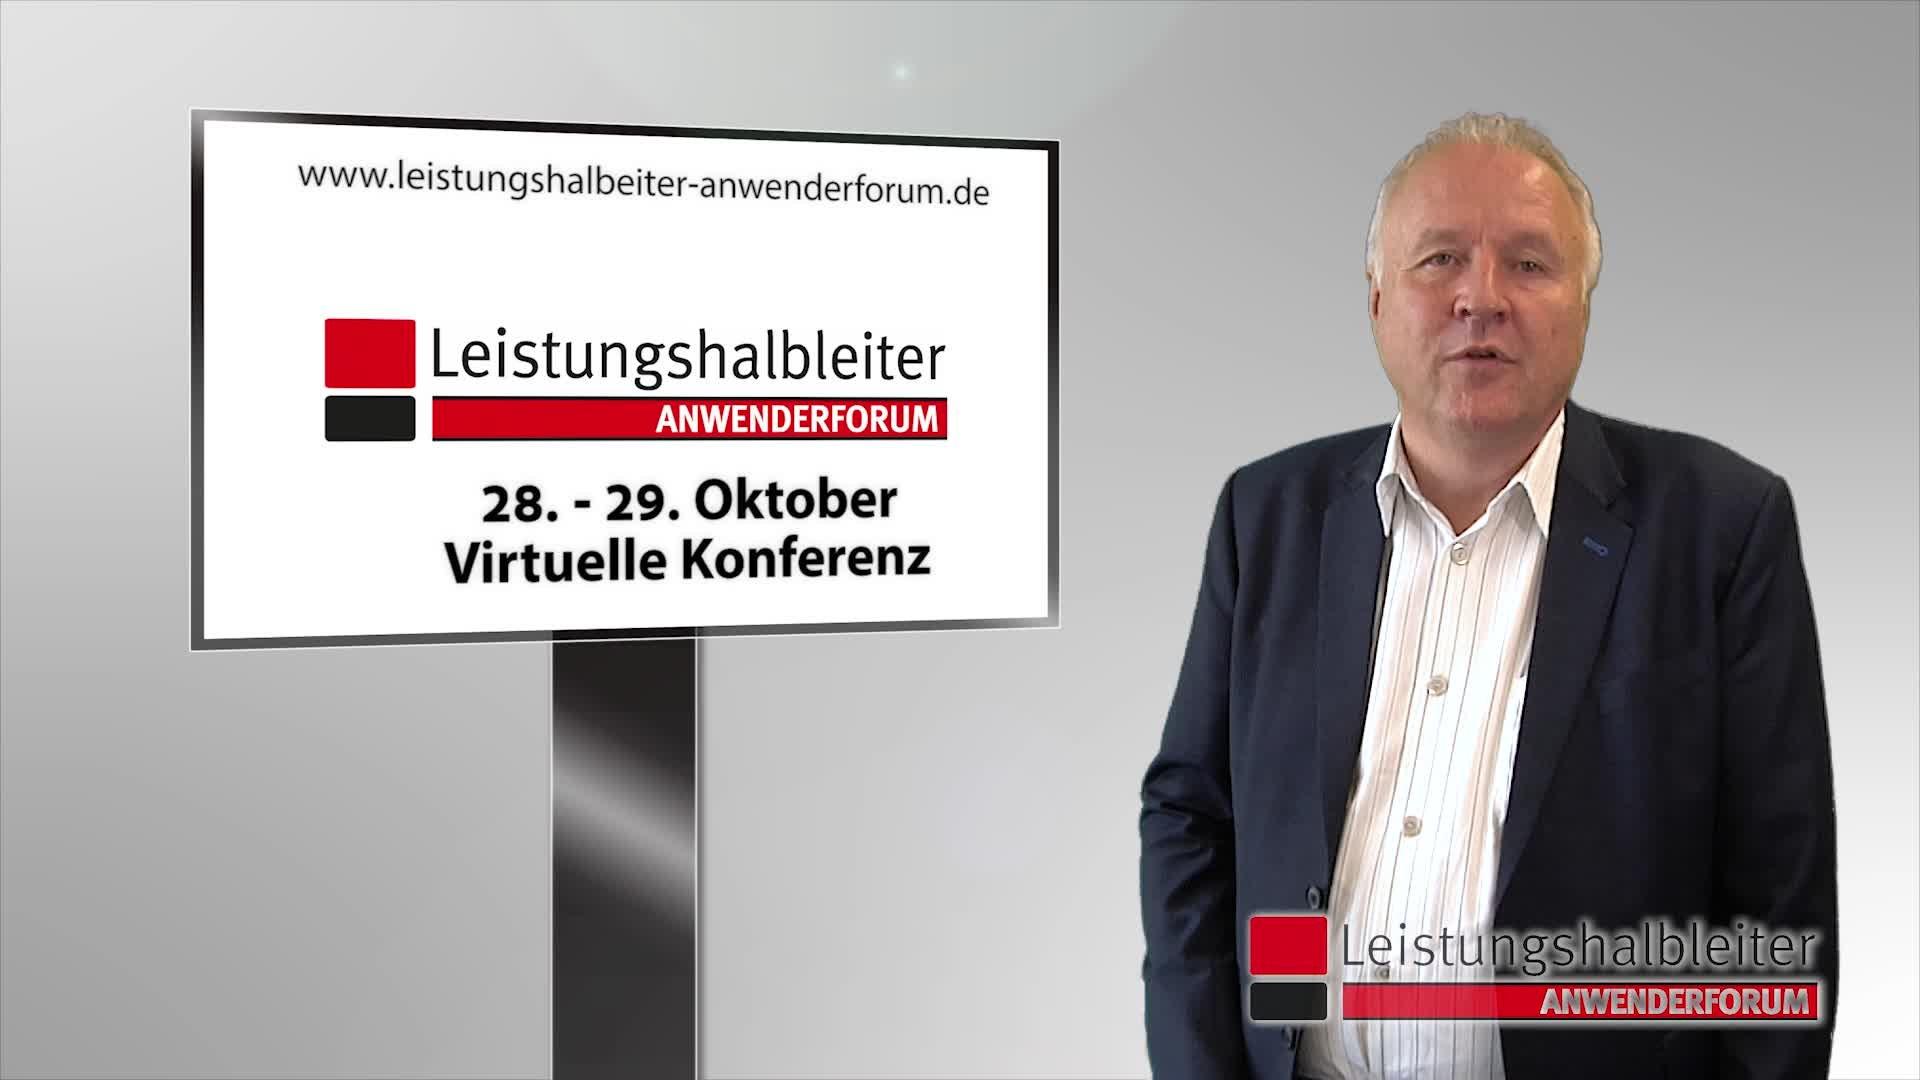 Das Anwenderforum Leistungshalbleiter goes virtuell